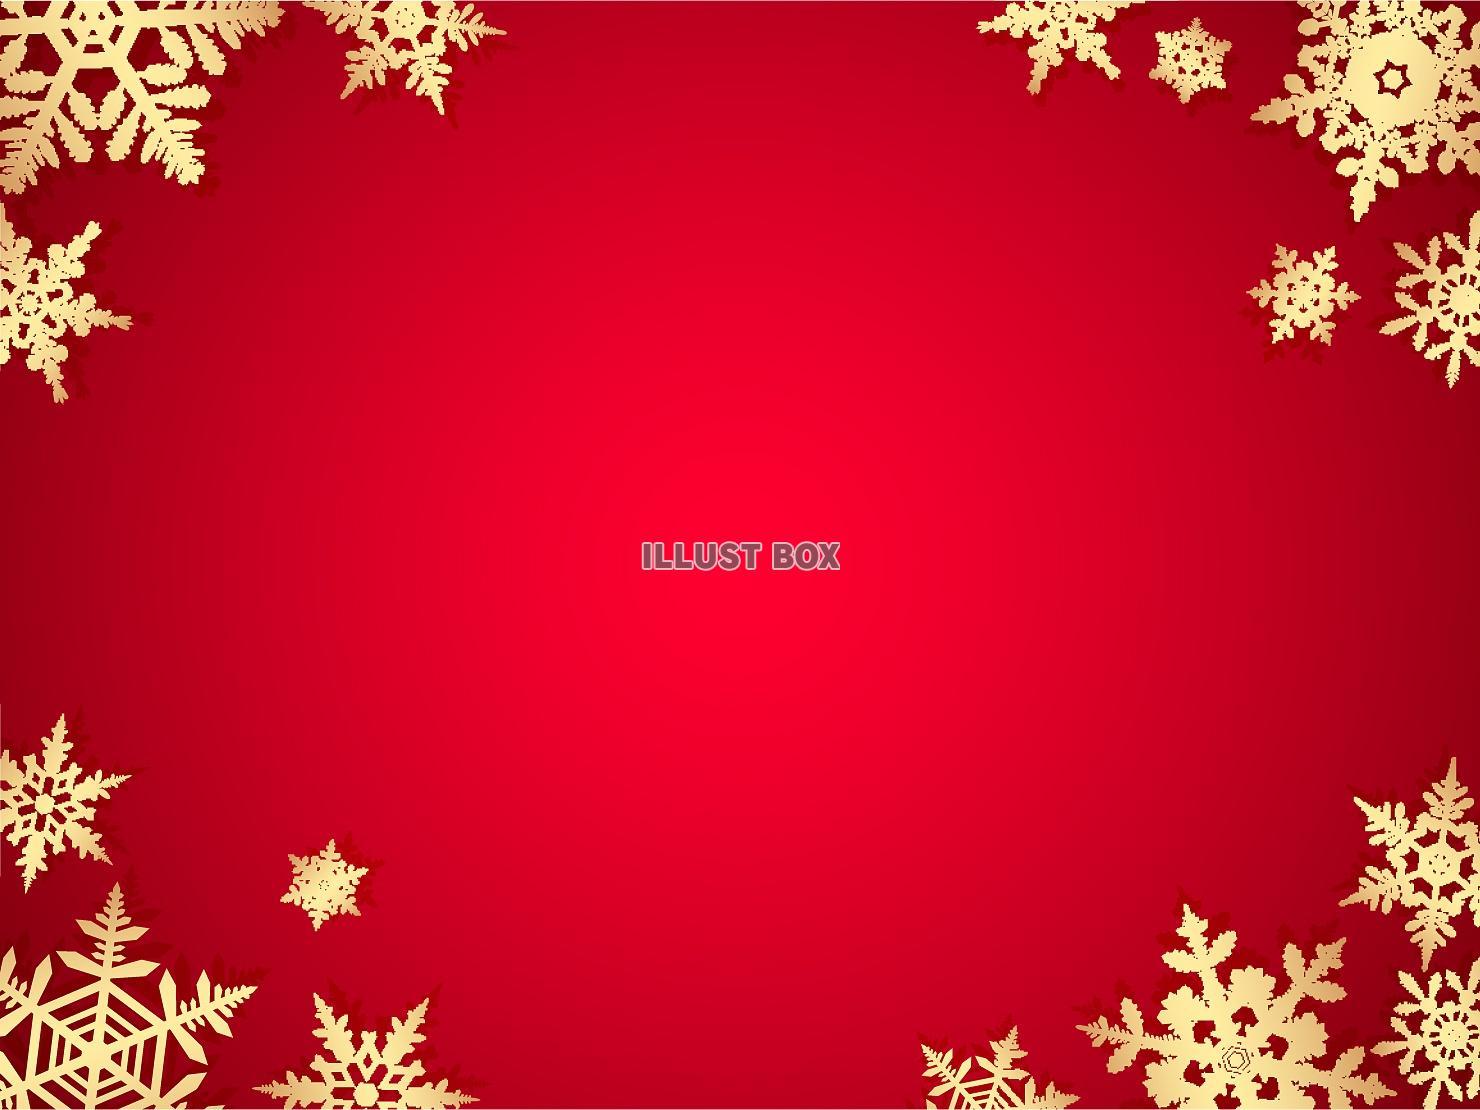 無料イラスト 冬、雪の結晶赤色の背景